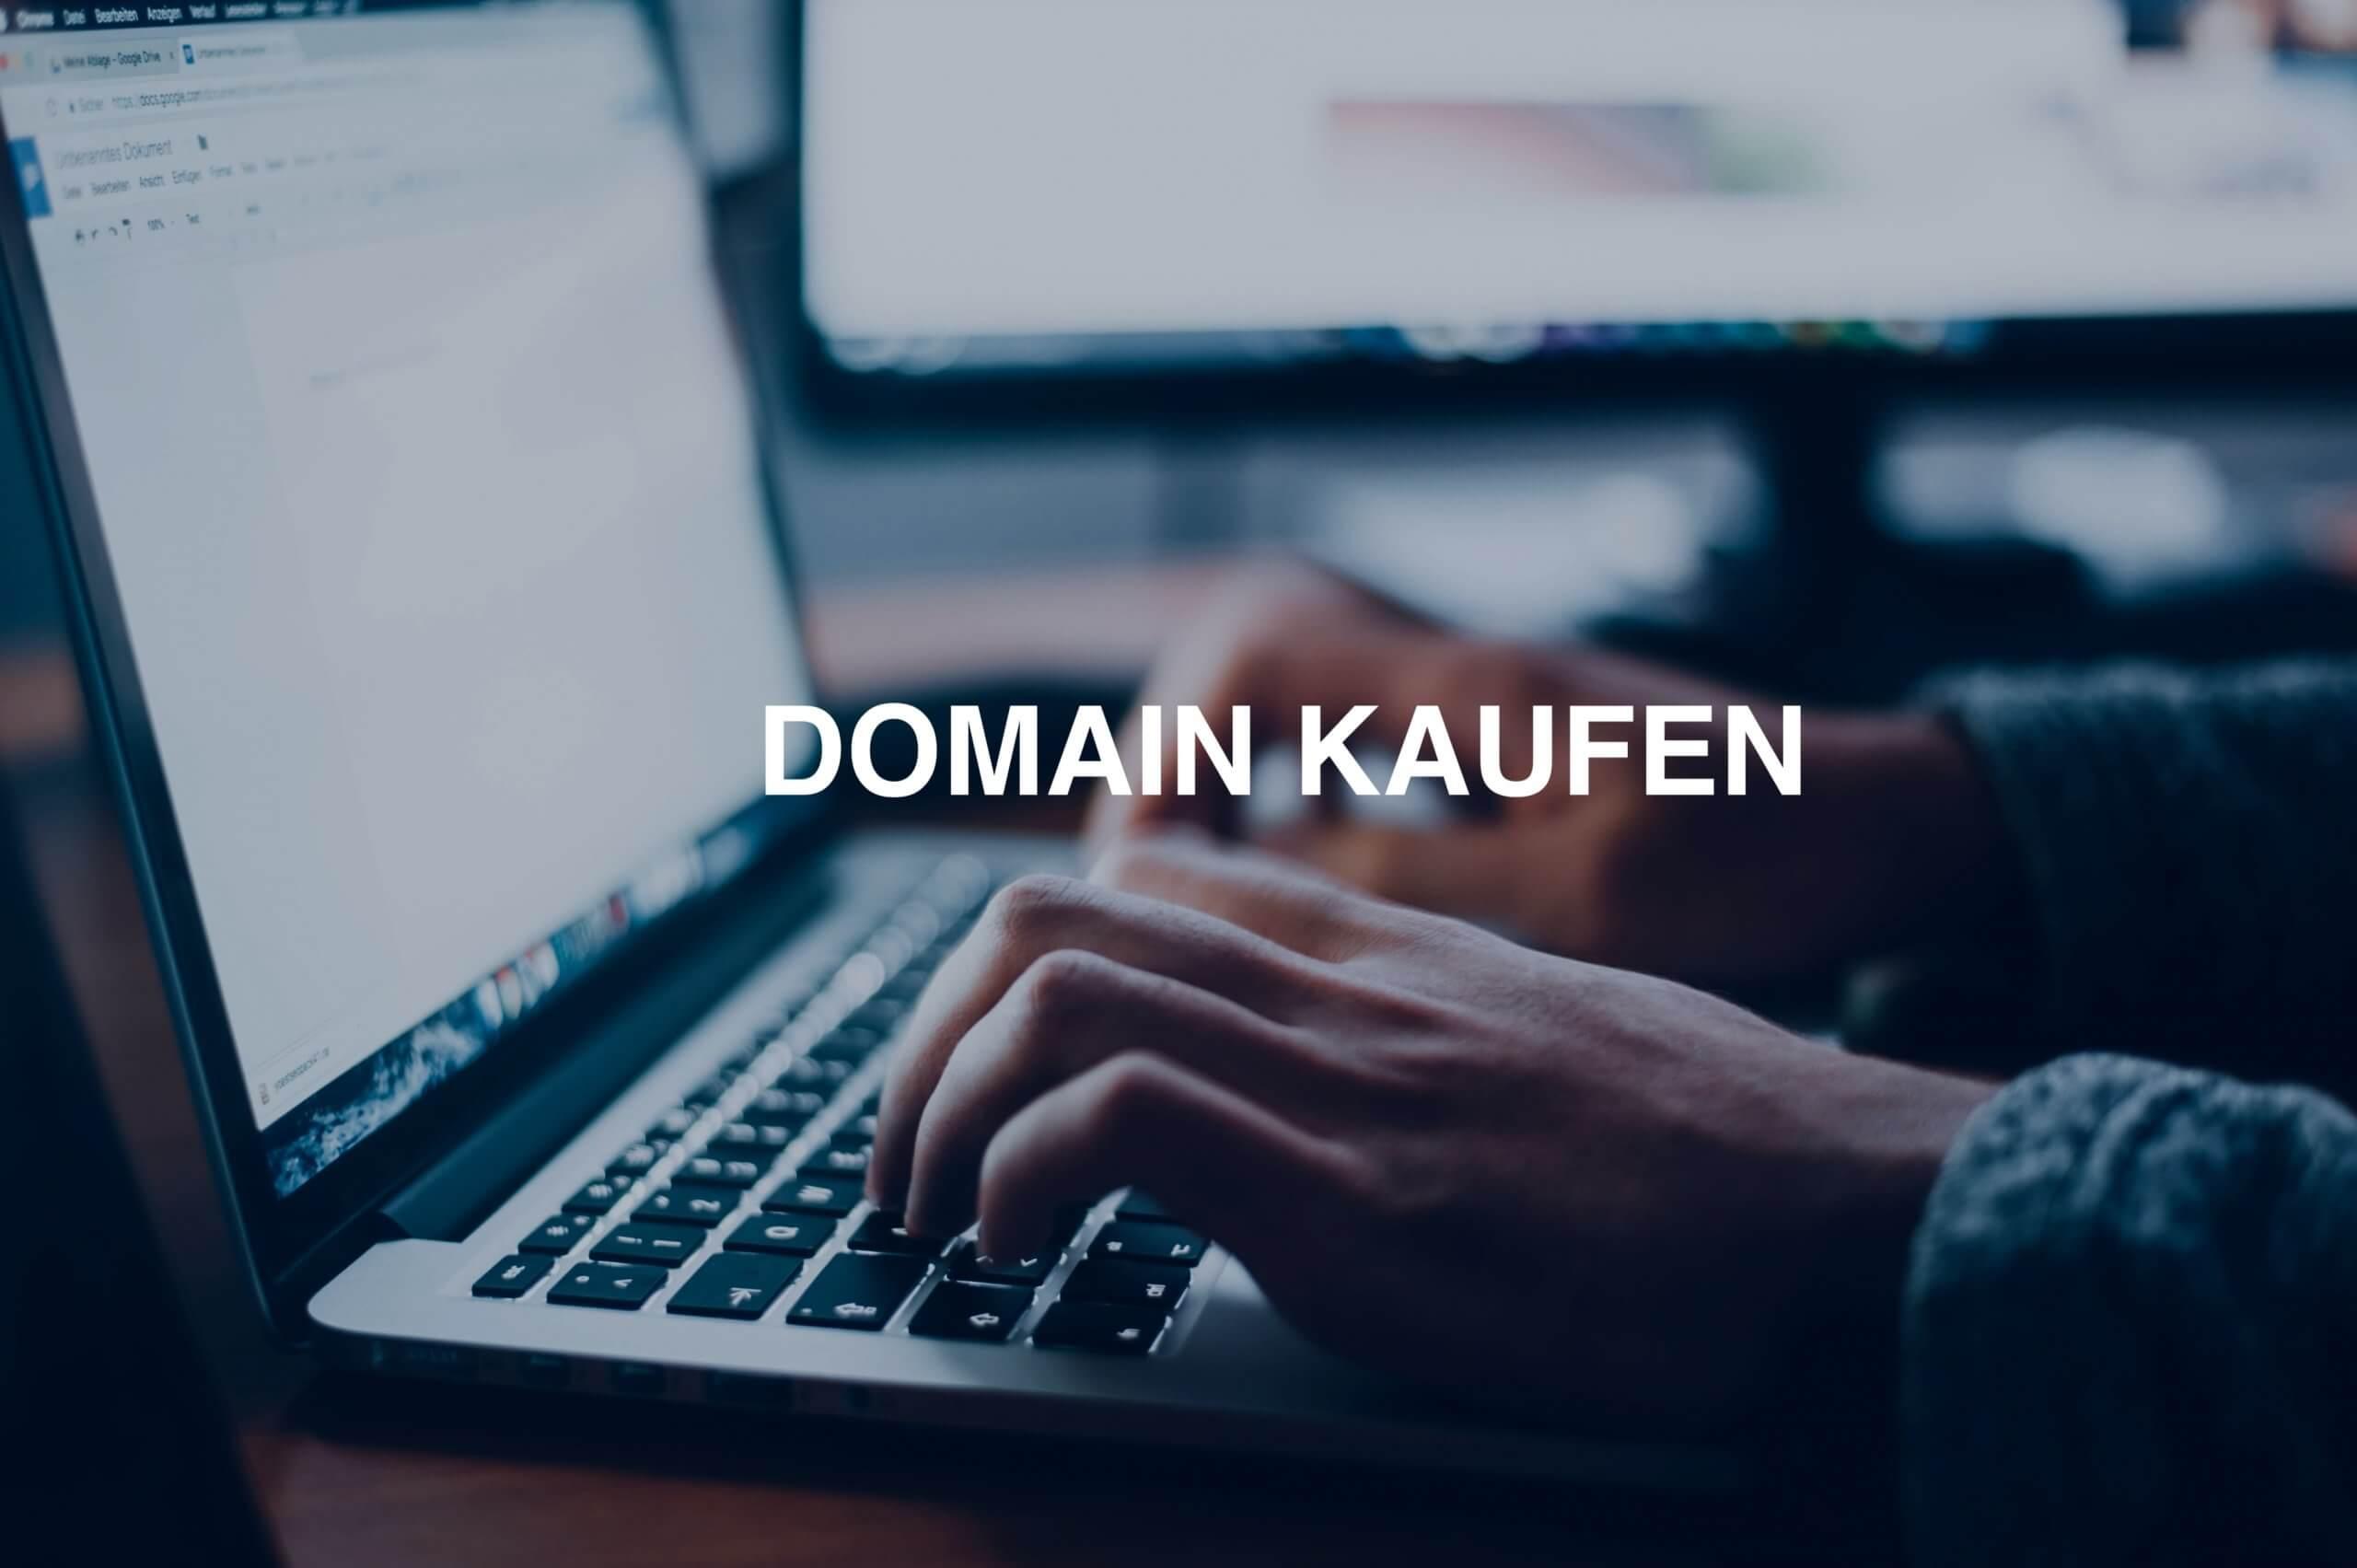 Domain kaufen1 2 scaled - Website kaufen